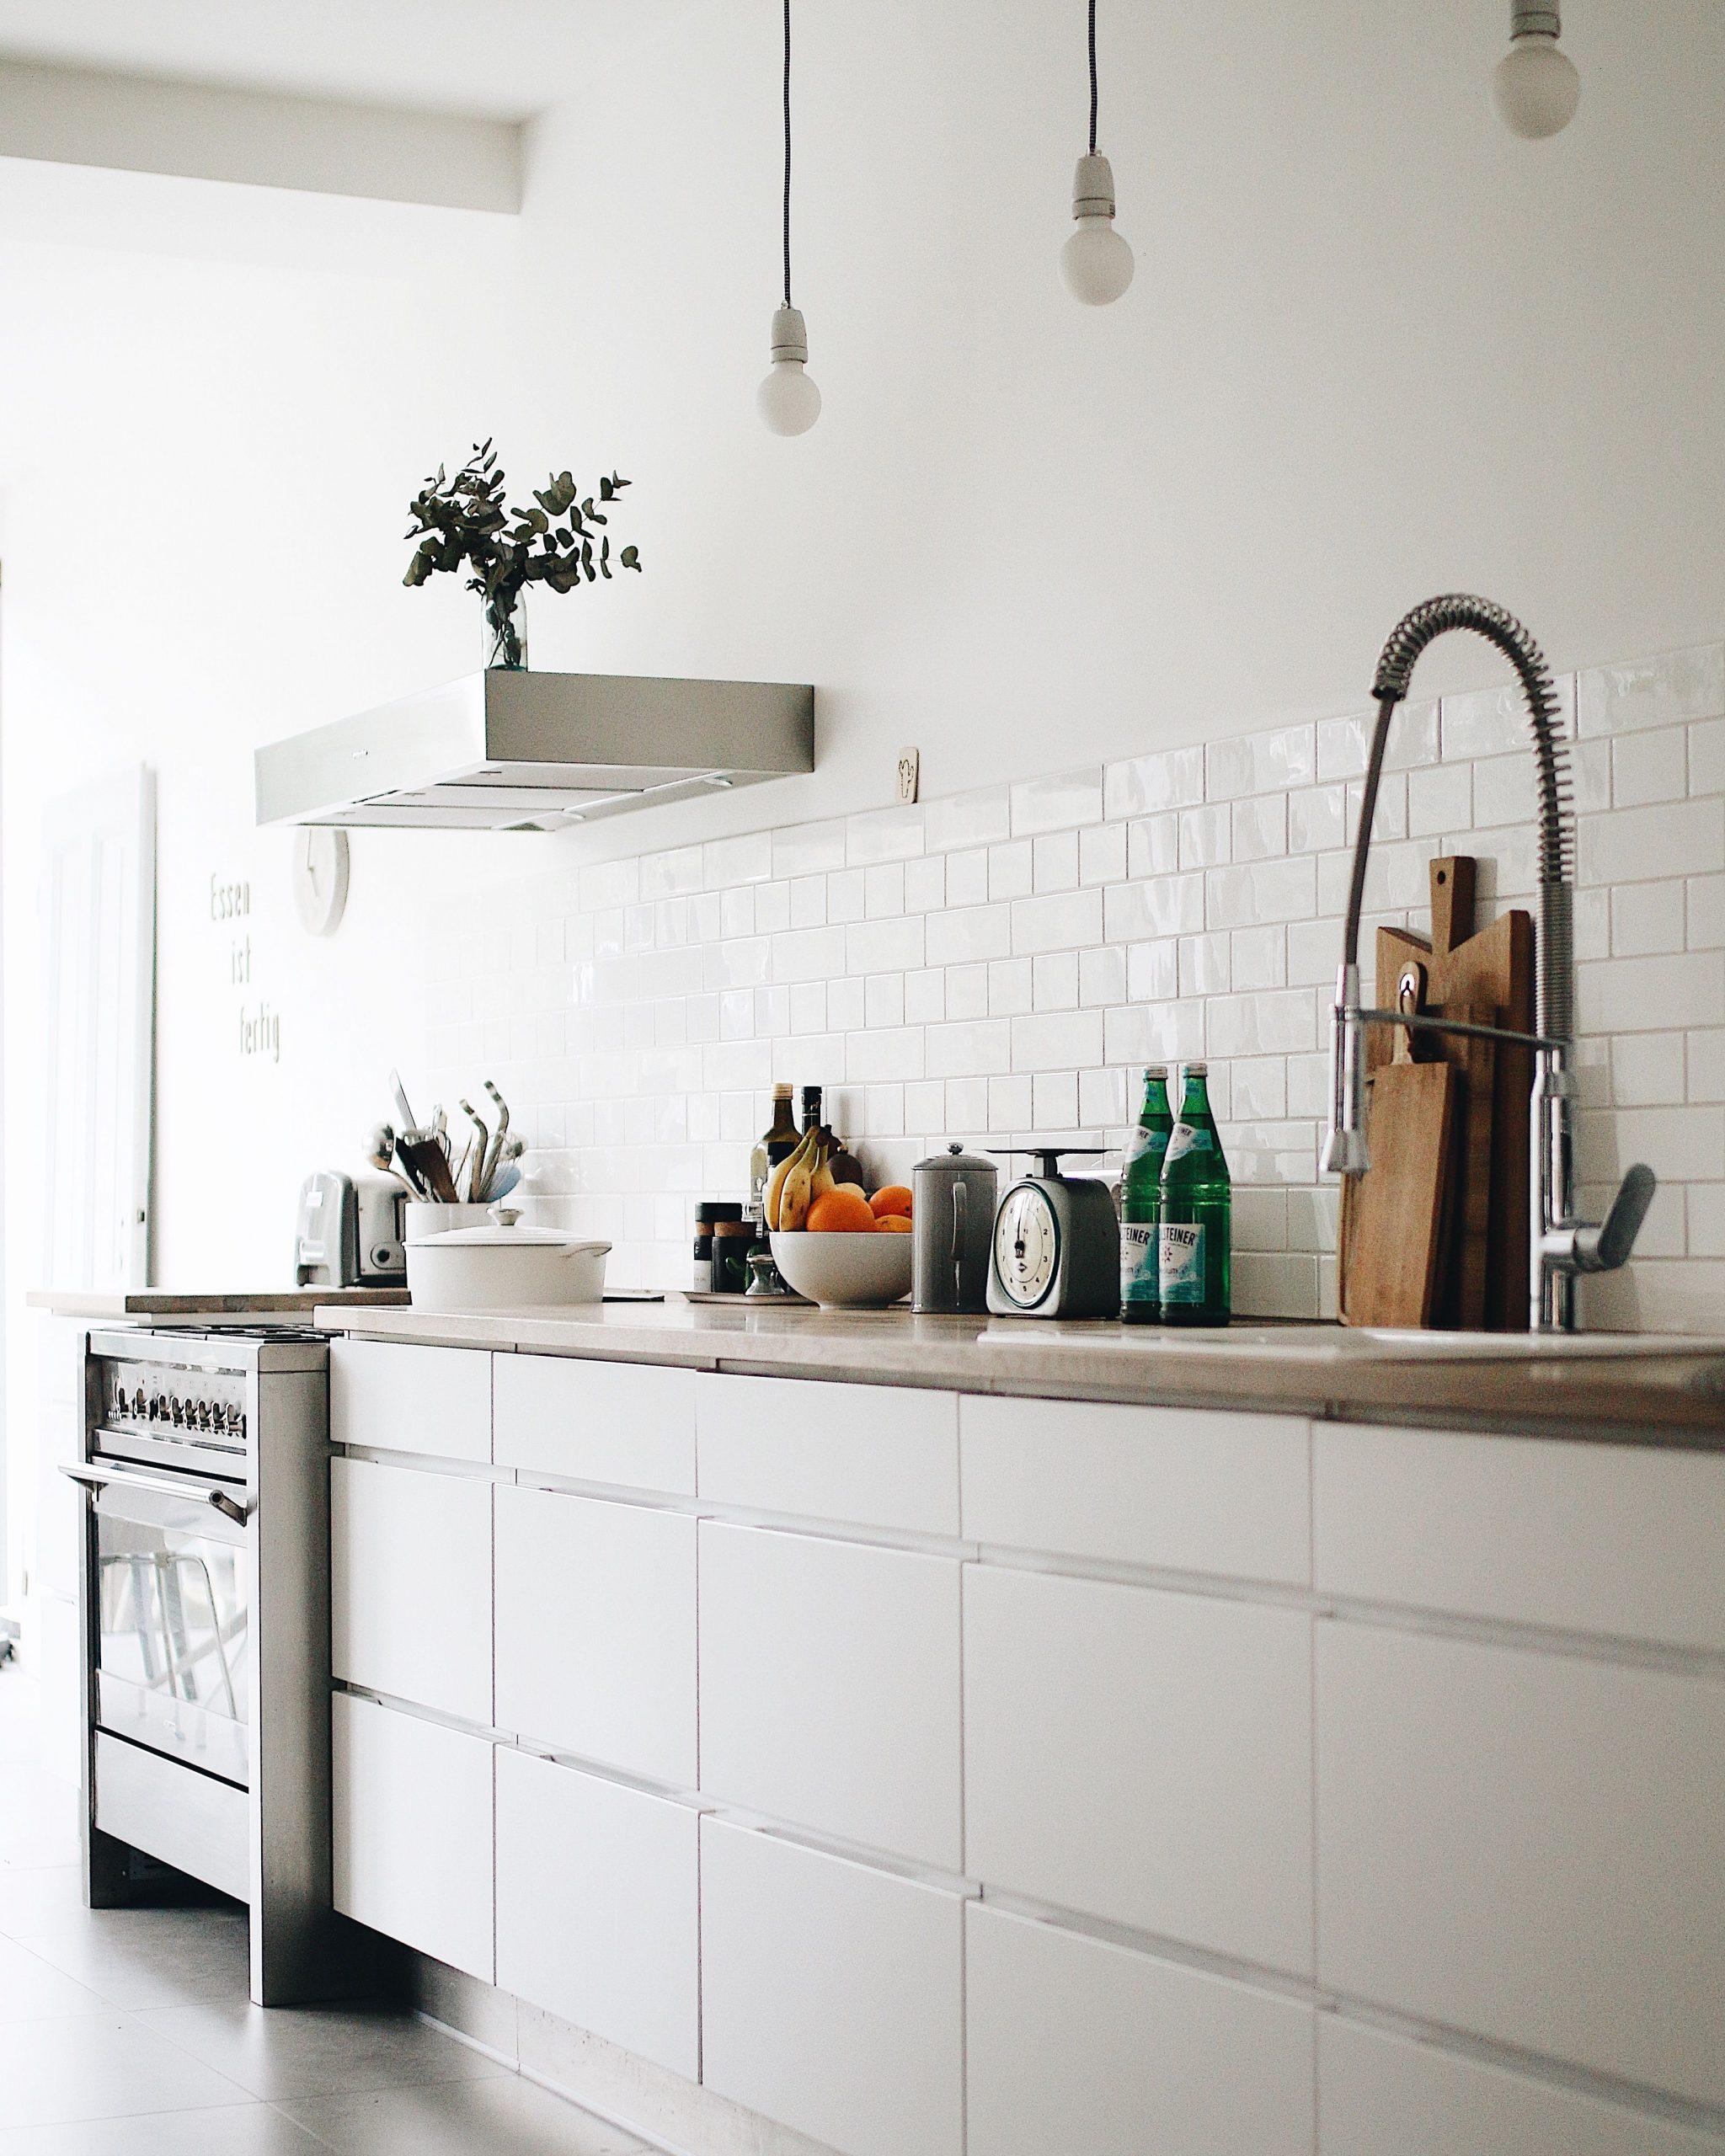 Full Size of Komplettküche Mit Geräten Günstig Komplettküche Kaufen Roller Komplettküche Respekta Küche Küchenzeile Küchenblock Einbauküche Komplettküche Weiß 320 Cm Küche Einbauküche Ohne Kühlschrank